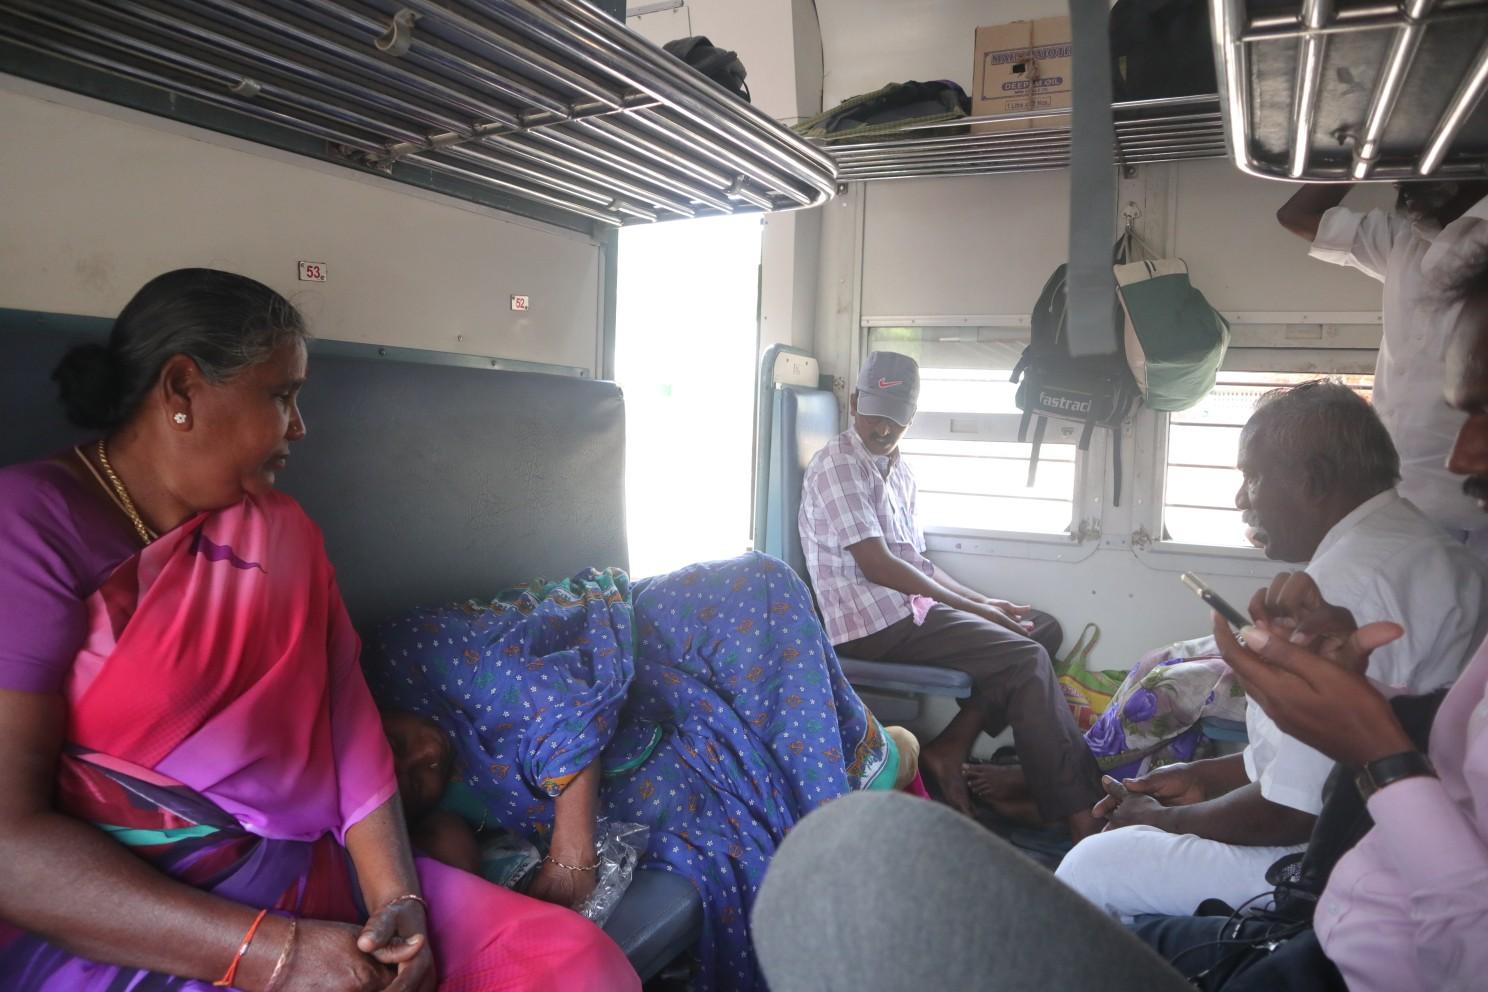 Обрёл первый опыт езды по индийским железным дорогам